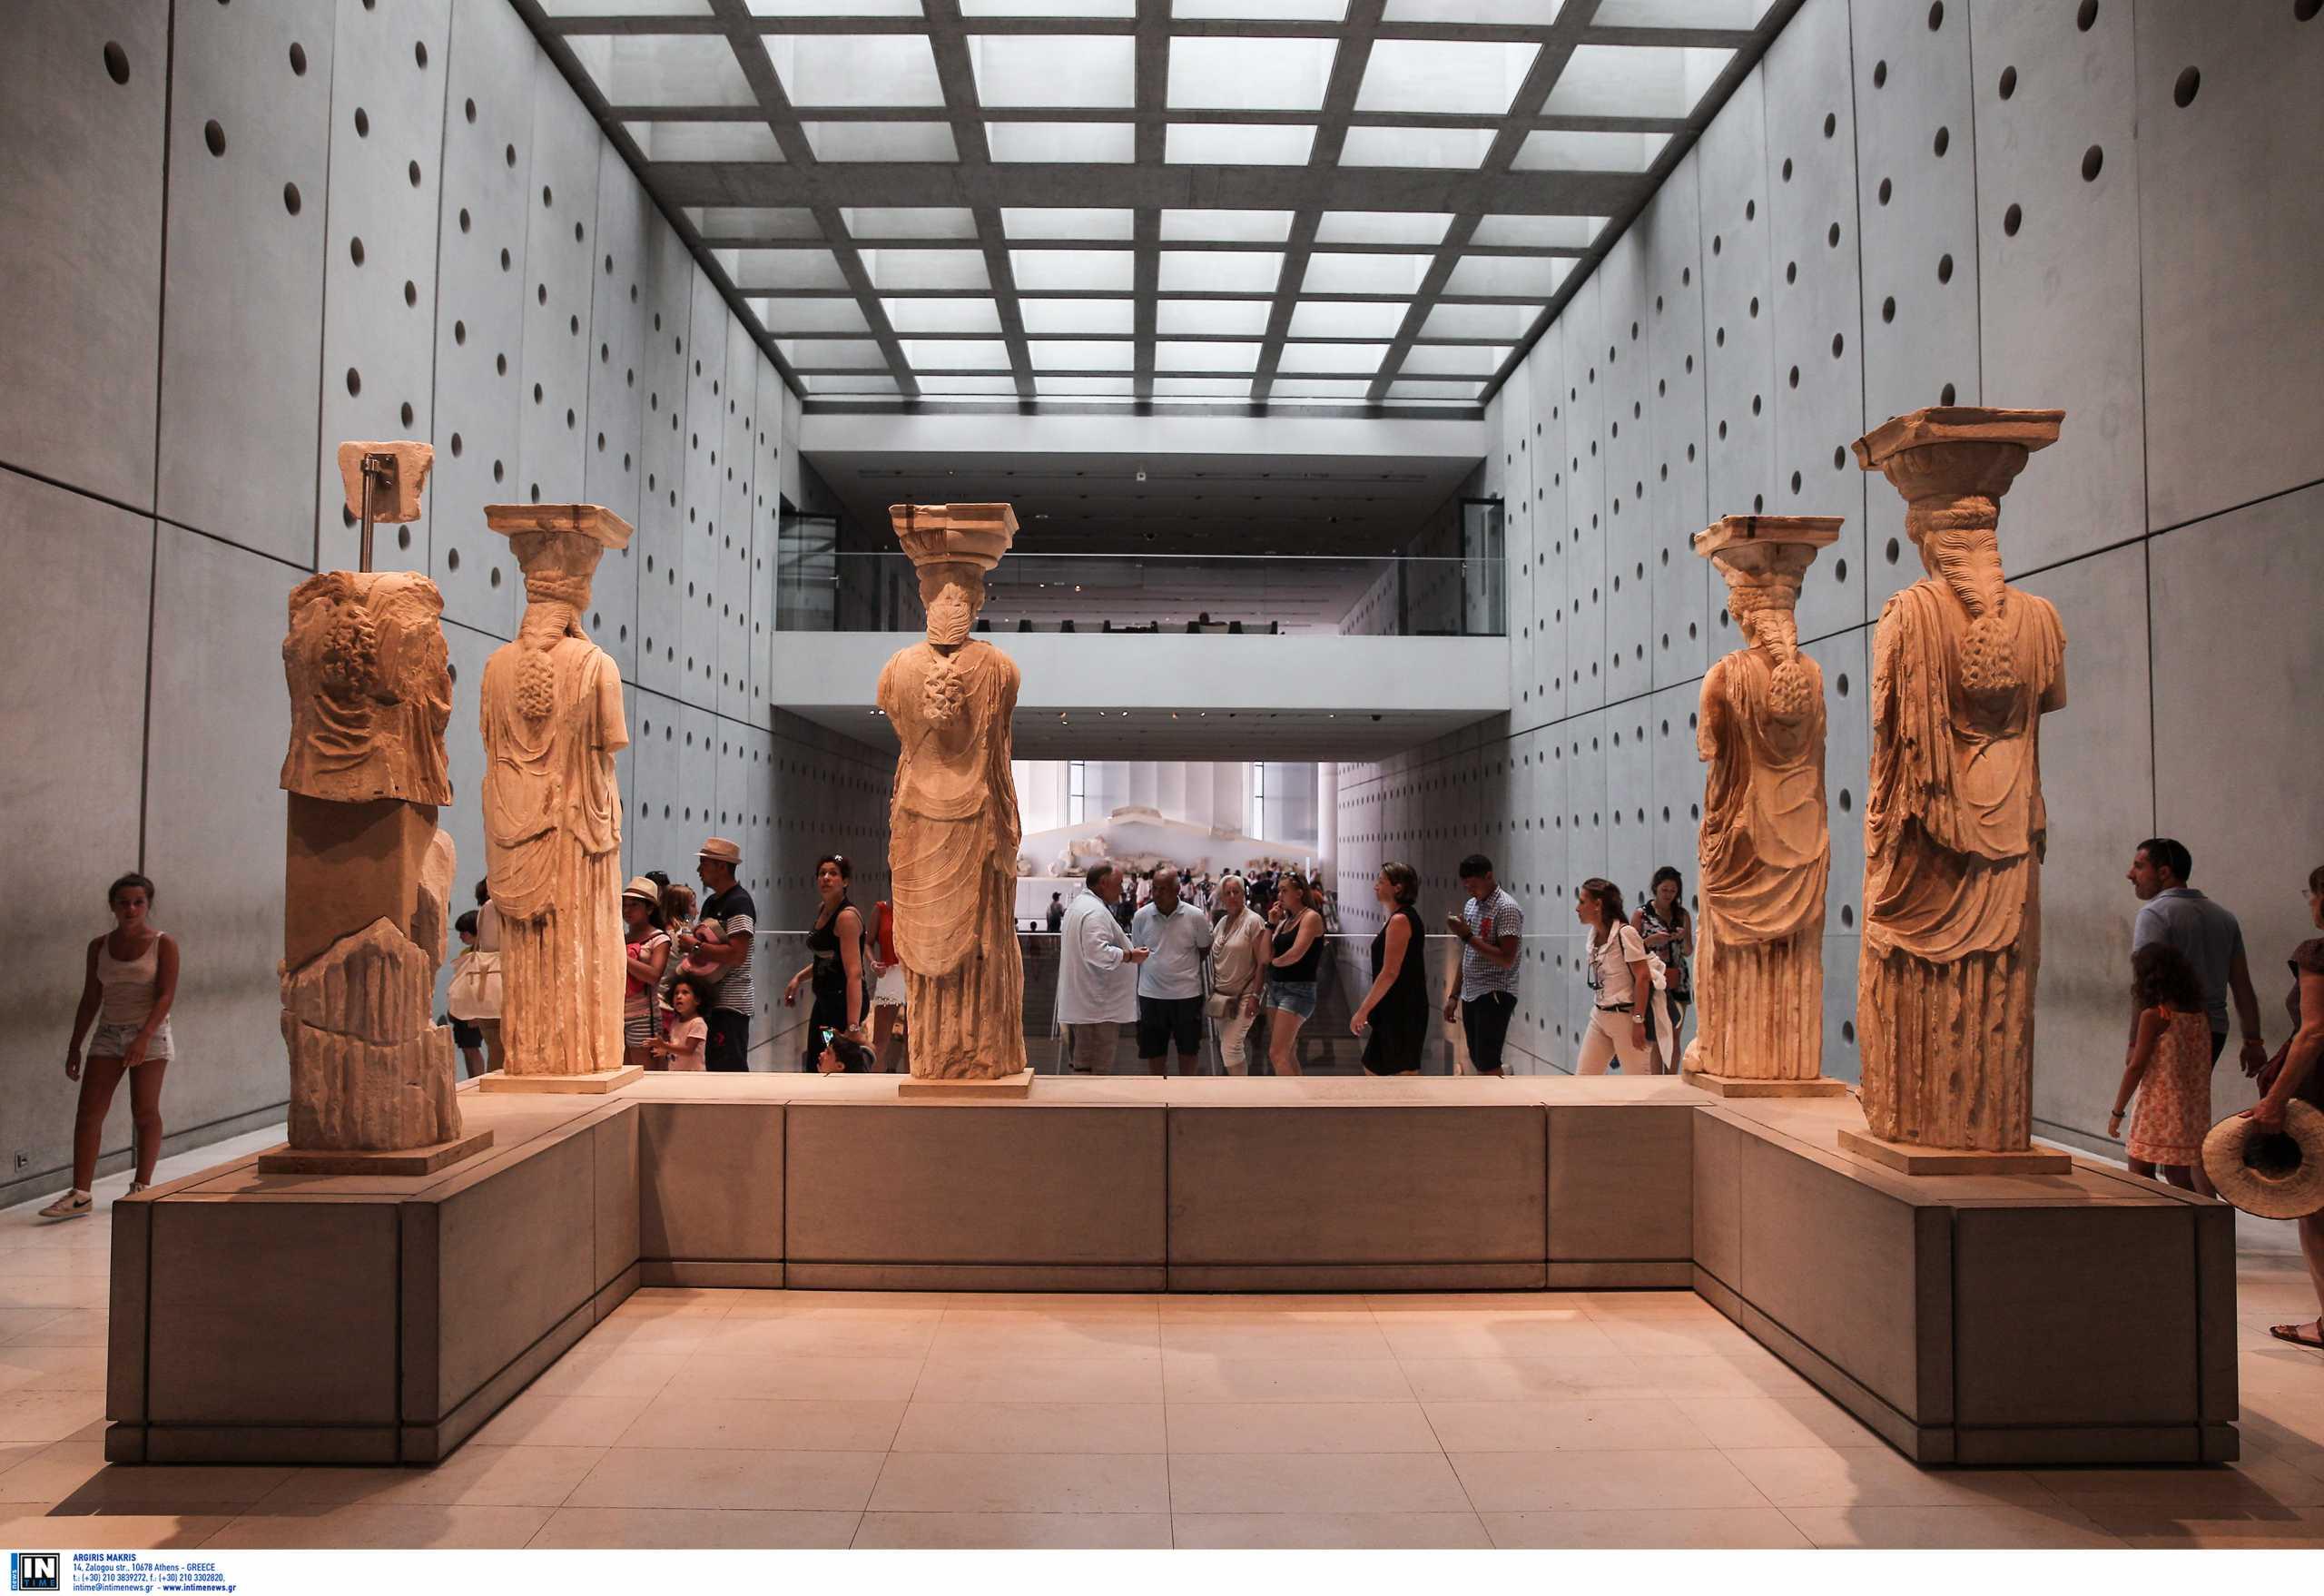 Το Μουσείο Ακρόπολης υποδέχεται ξανά τους επισκέπτες του – Οι αλλαγές που έγιναν στο lockdown